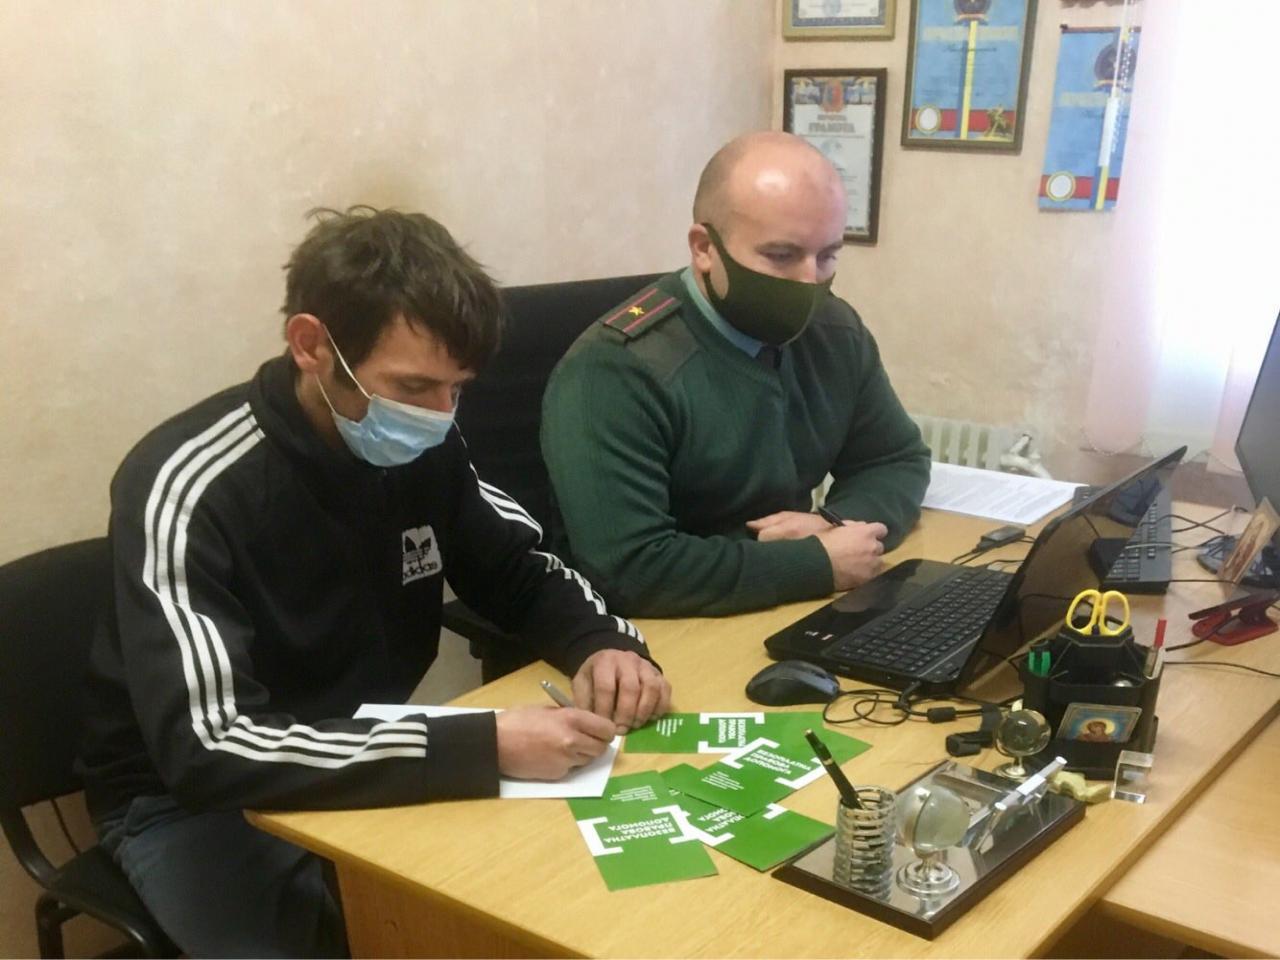 http://dunrada.gov.ua/uploadfile/archive_news/2020/11/24/2020-11-24_2210/images/images-1601.jpg